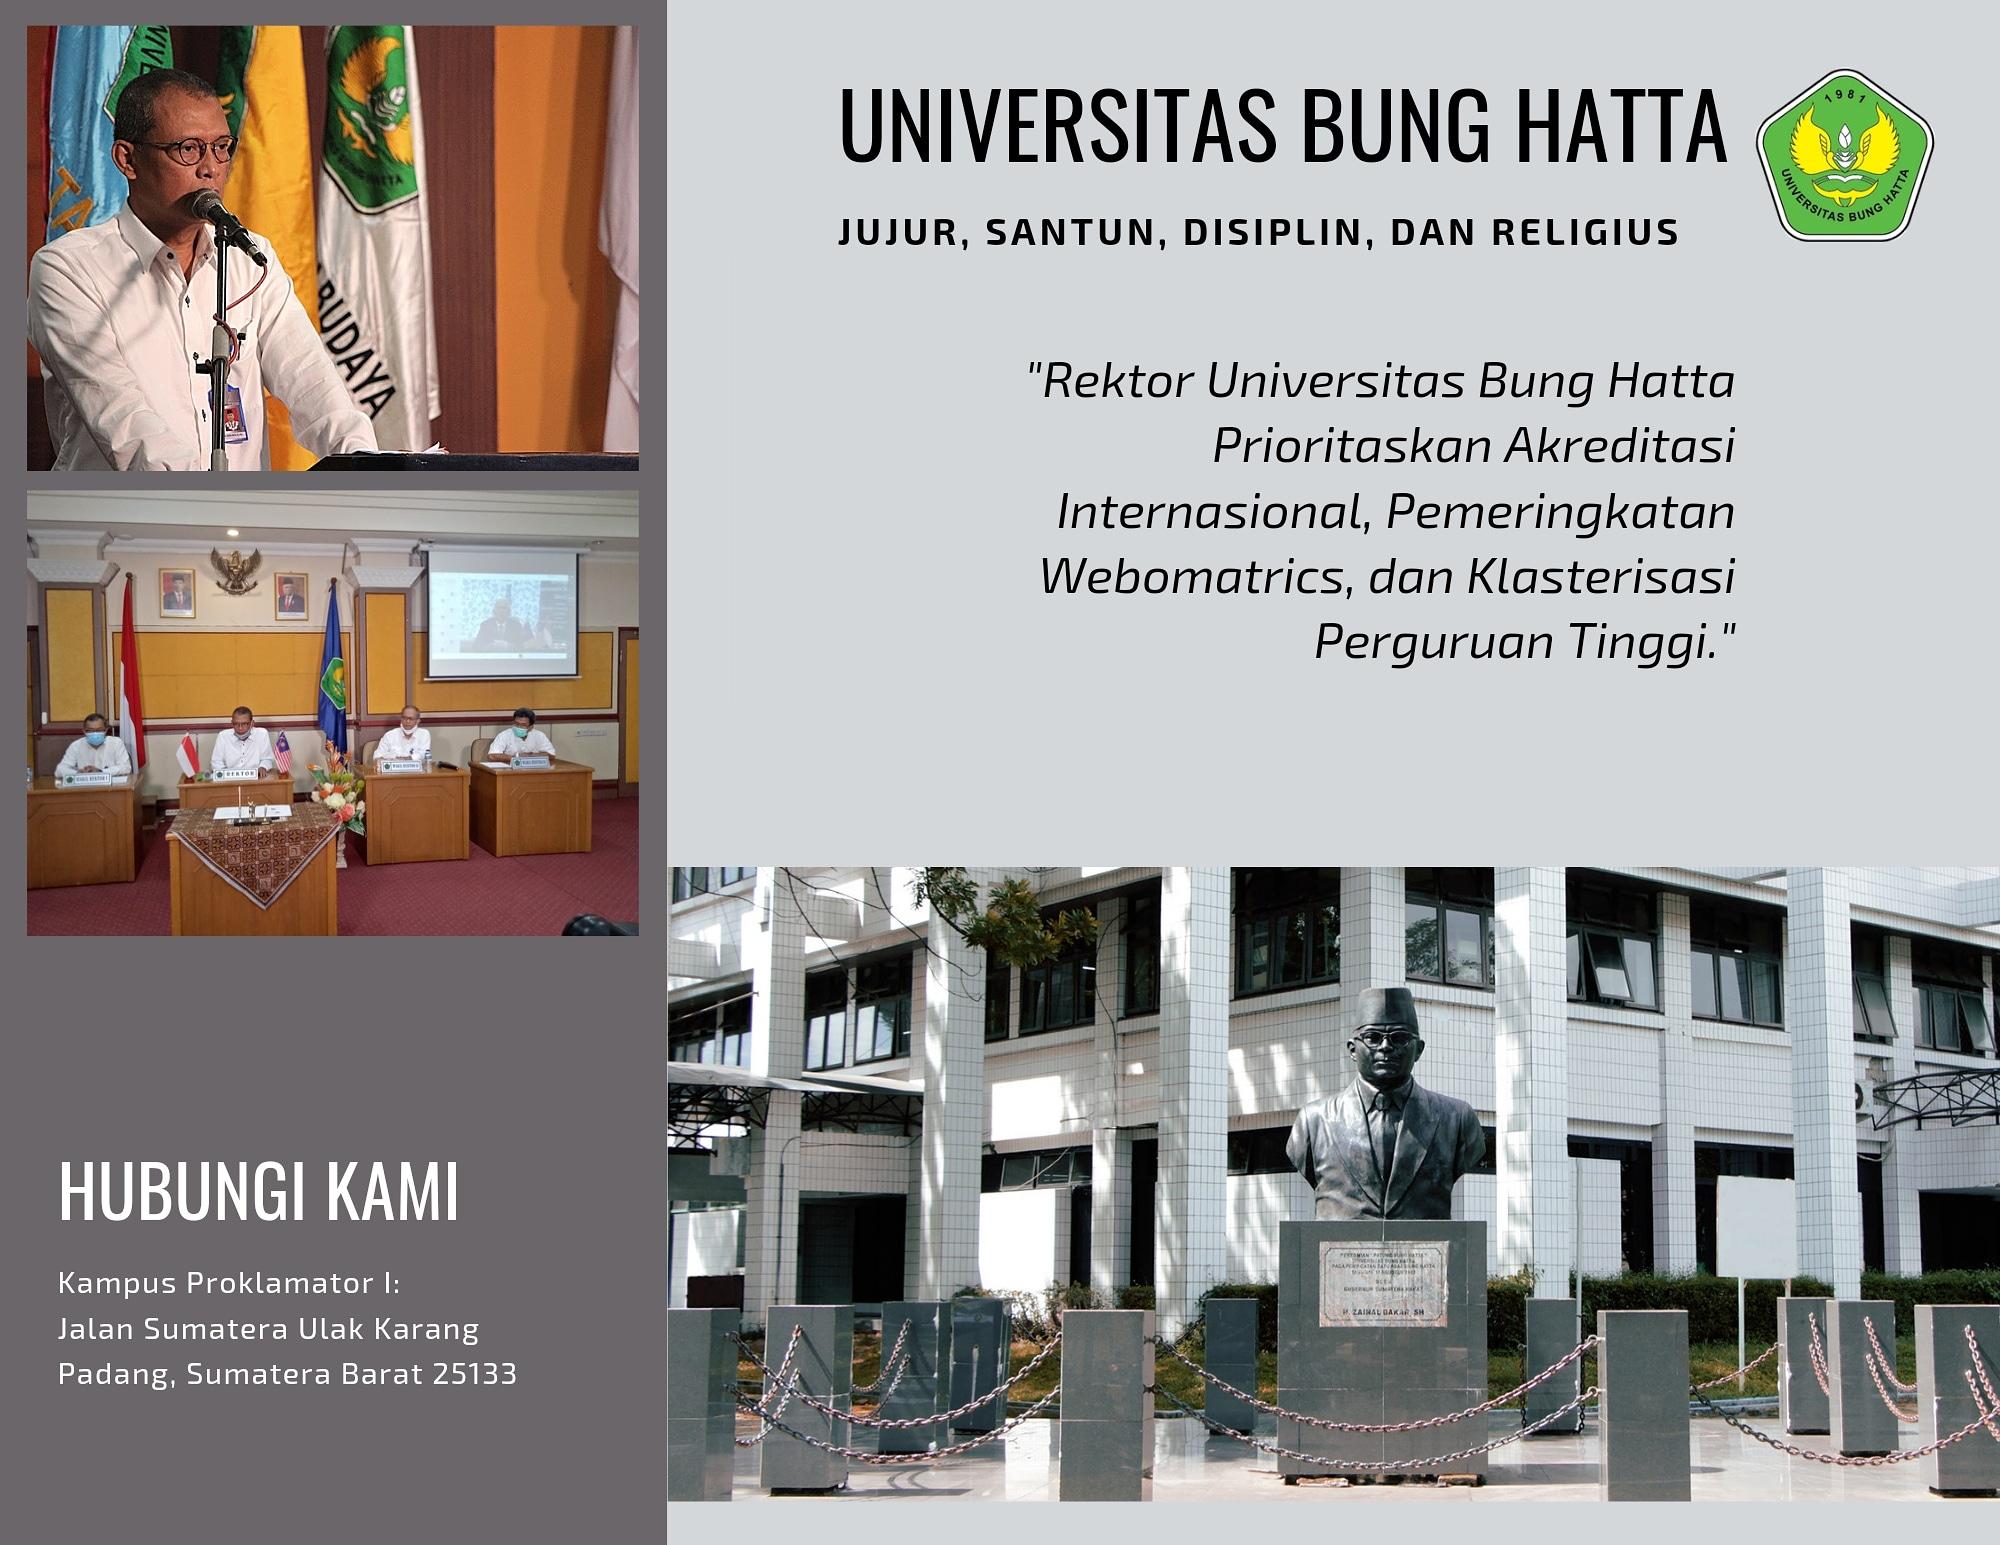 Rektor Universitas Bung Hatta Targetkan Akreditasi Internasional, Pemeringkatan Webomatrics, dan Klasterisasi Perguruan Tinggi